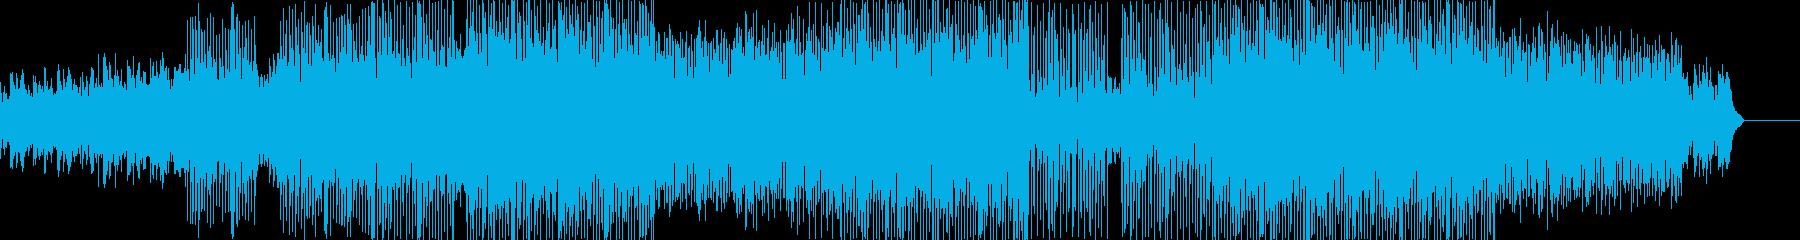 爽やかで疾走感のあるテクノポップの再生済みの波形